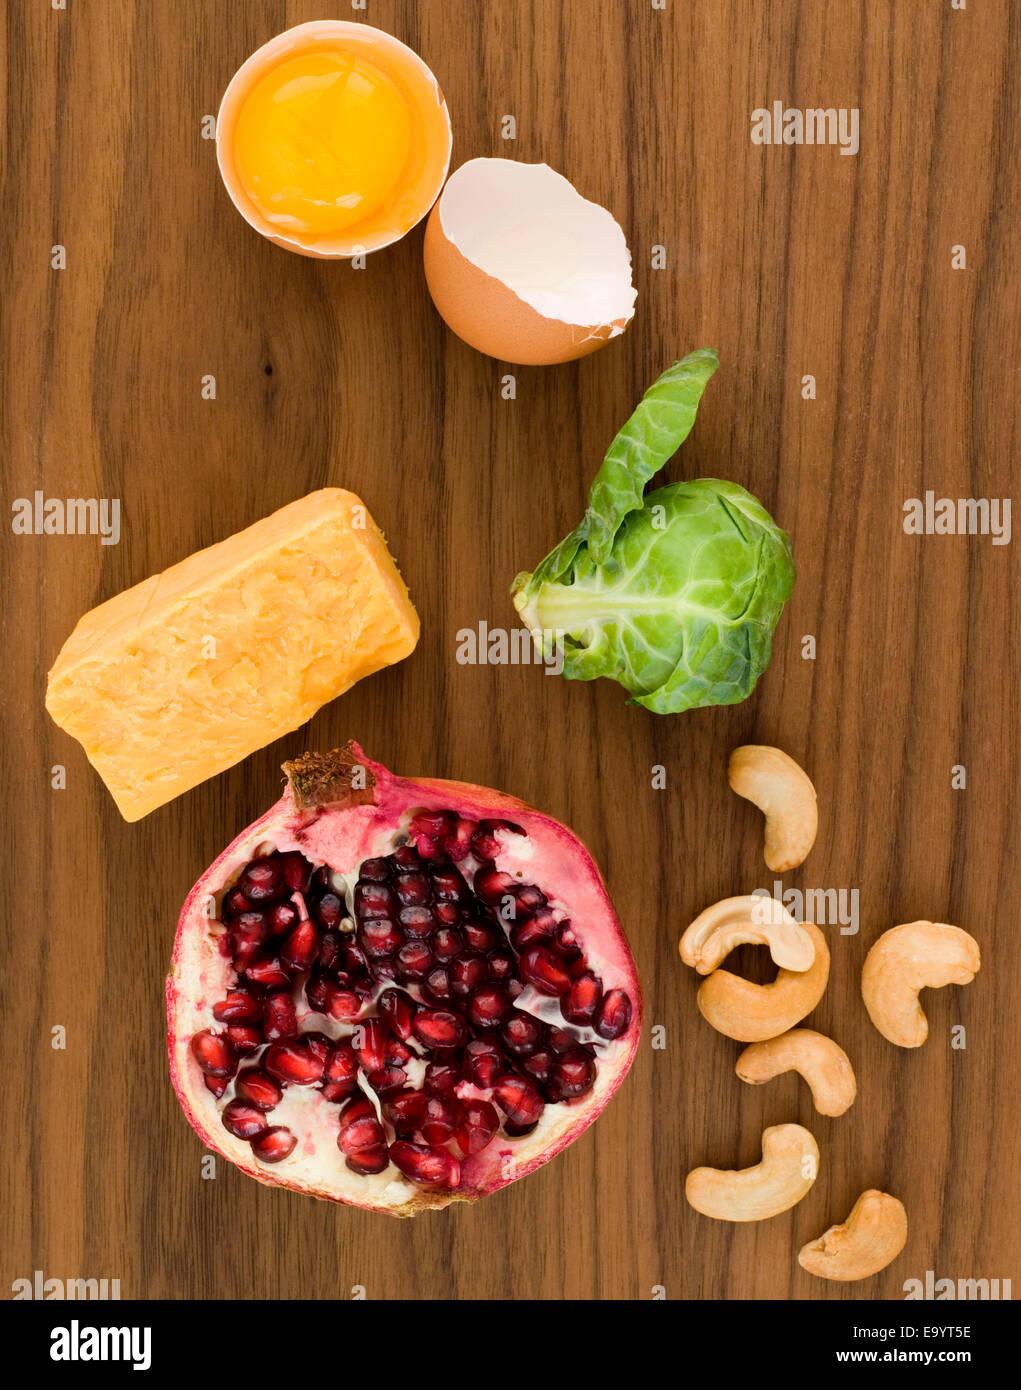 Stillleben von verschiedenen Lebensmitteln auf Holzoberfläche Stockbild